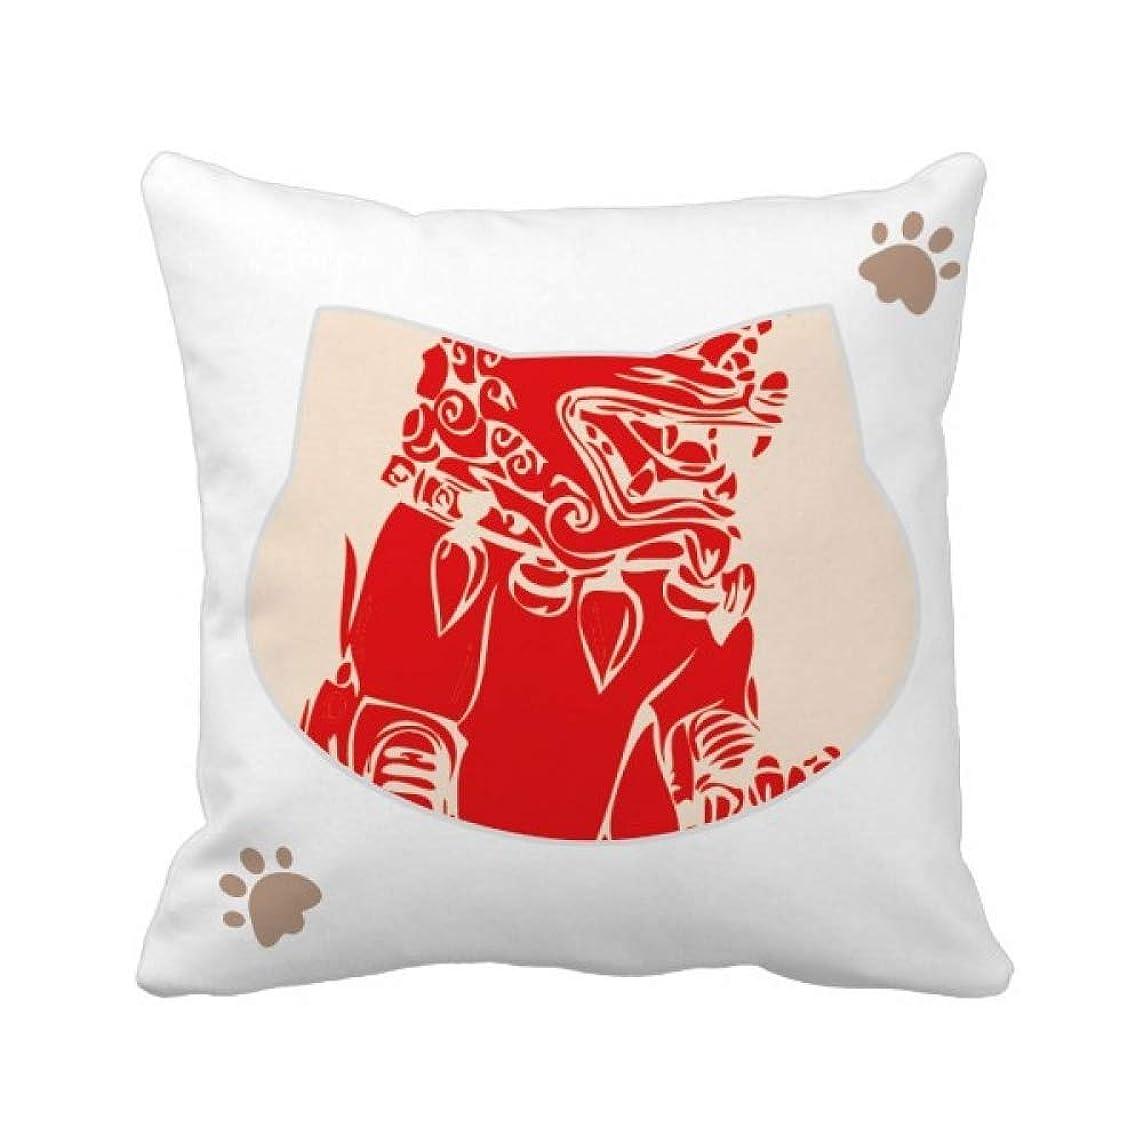 それら咲くロール中国の赤いライオンの切り紙の愛国心 枕カバーを放り投げる猫広場 50cm x 50cm